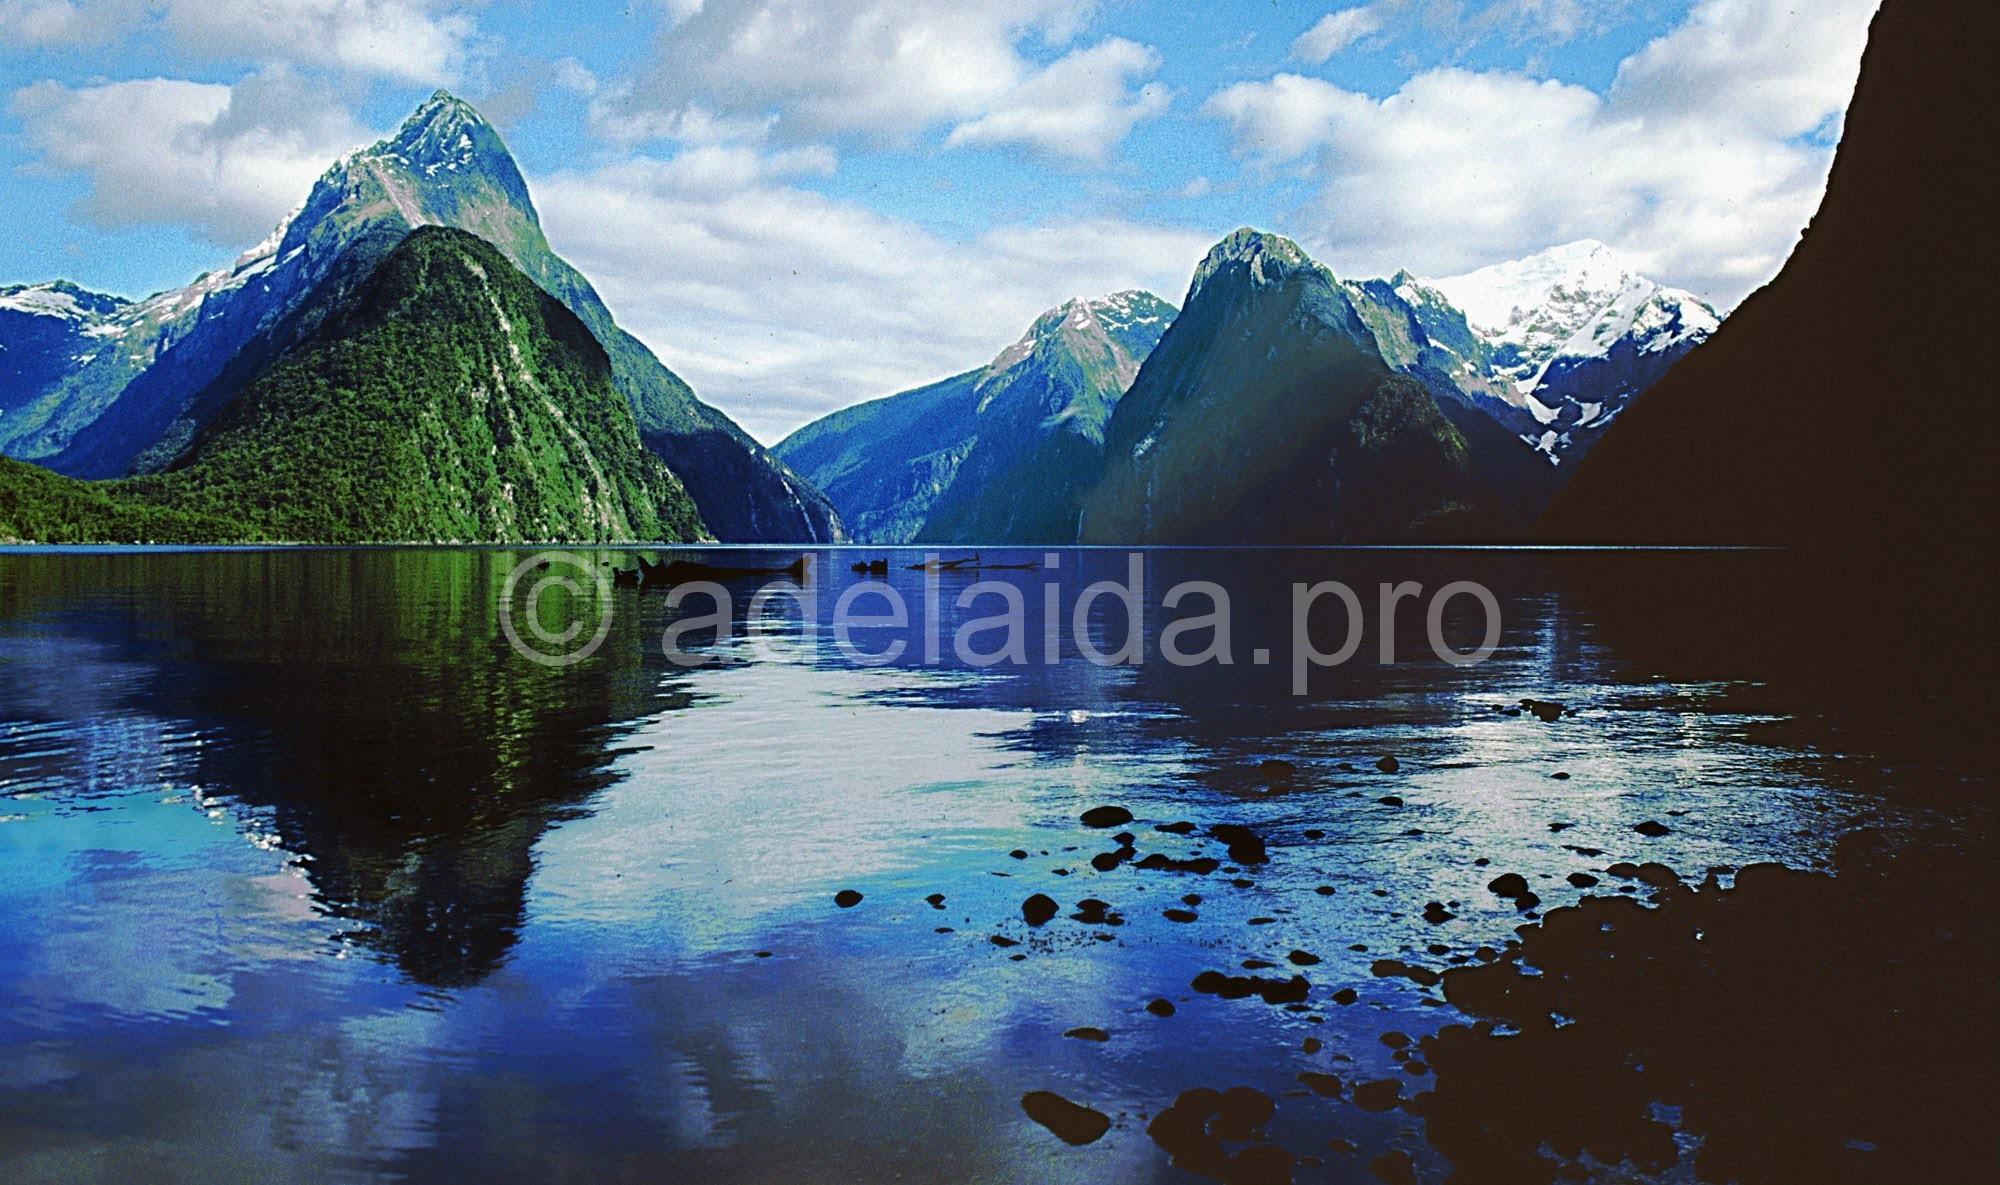 Фьорд Милфорд-Саунд - один из символов Новой Зеландии